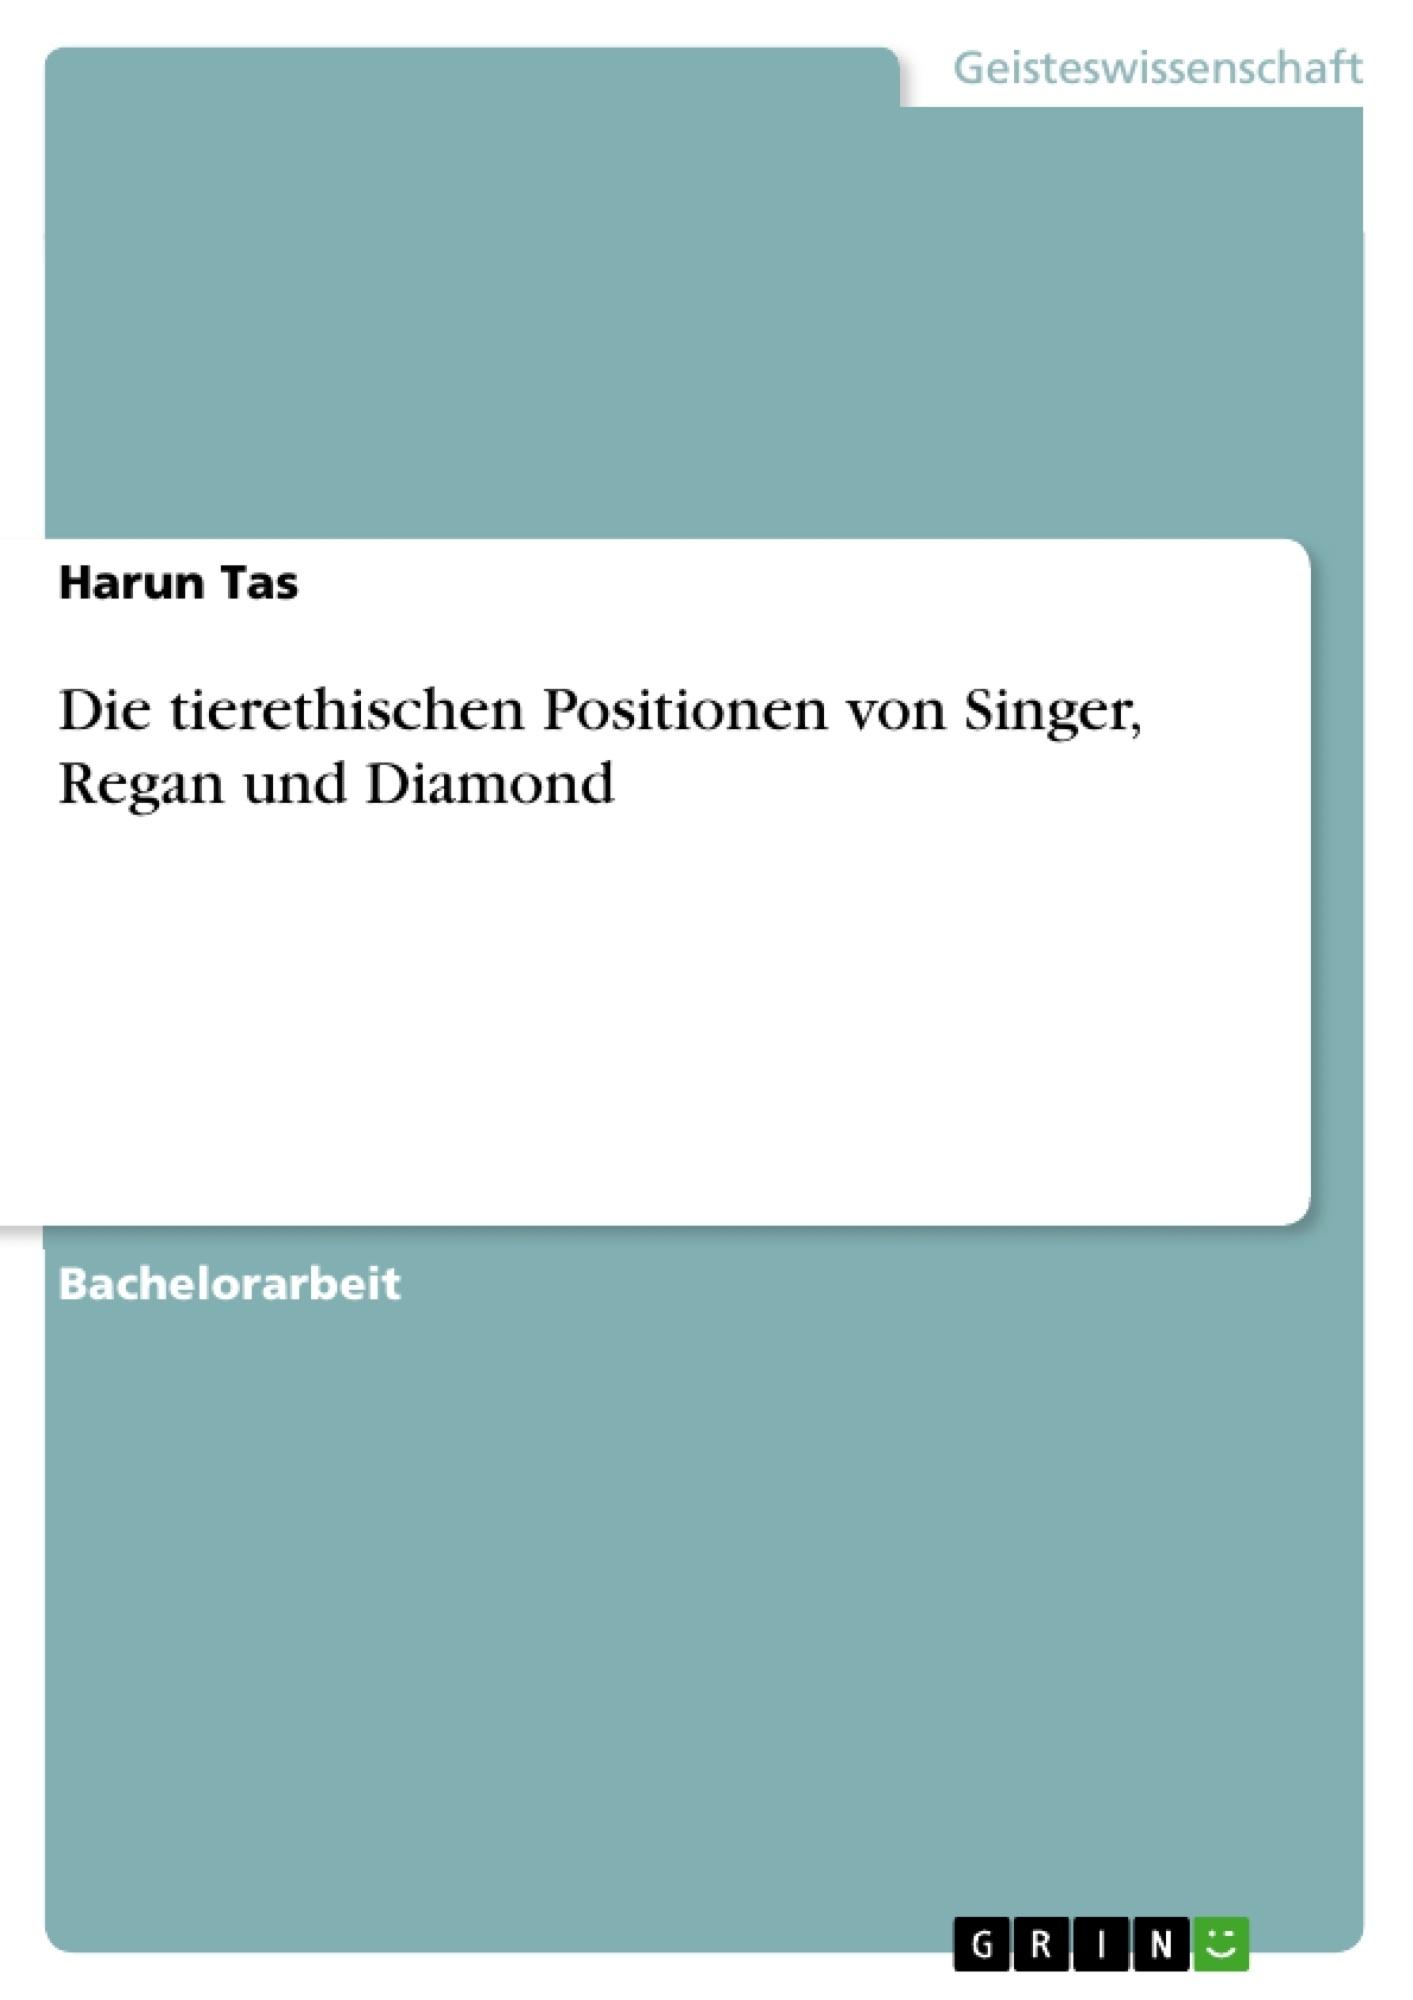 Titel: Die tierethischen Positionen von Singer, Regan und Diamond